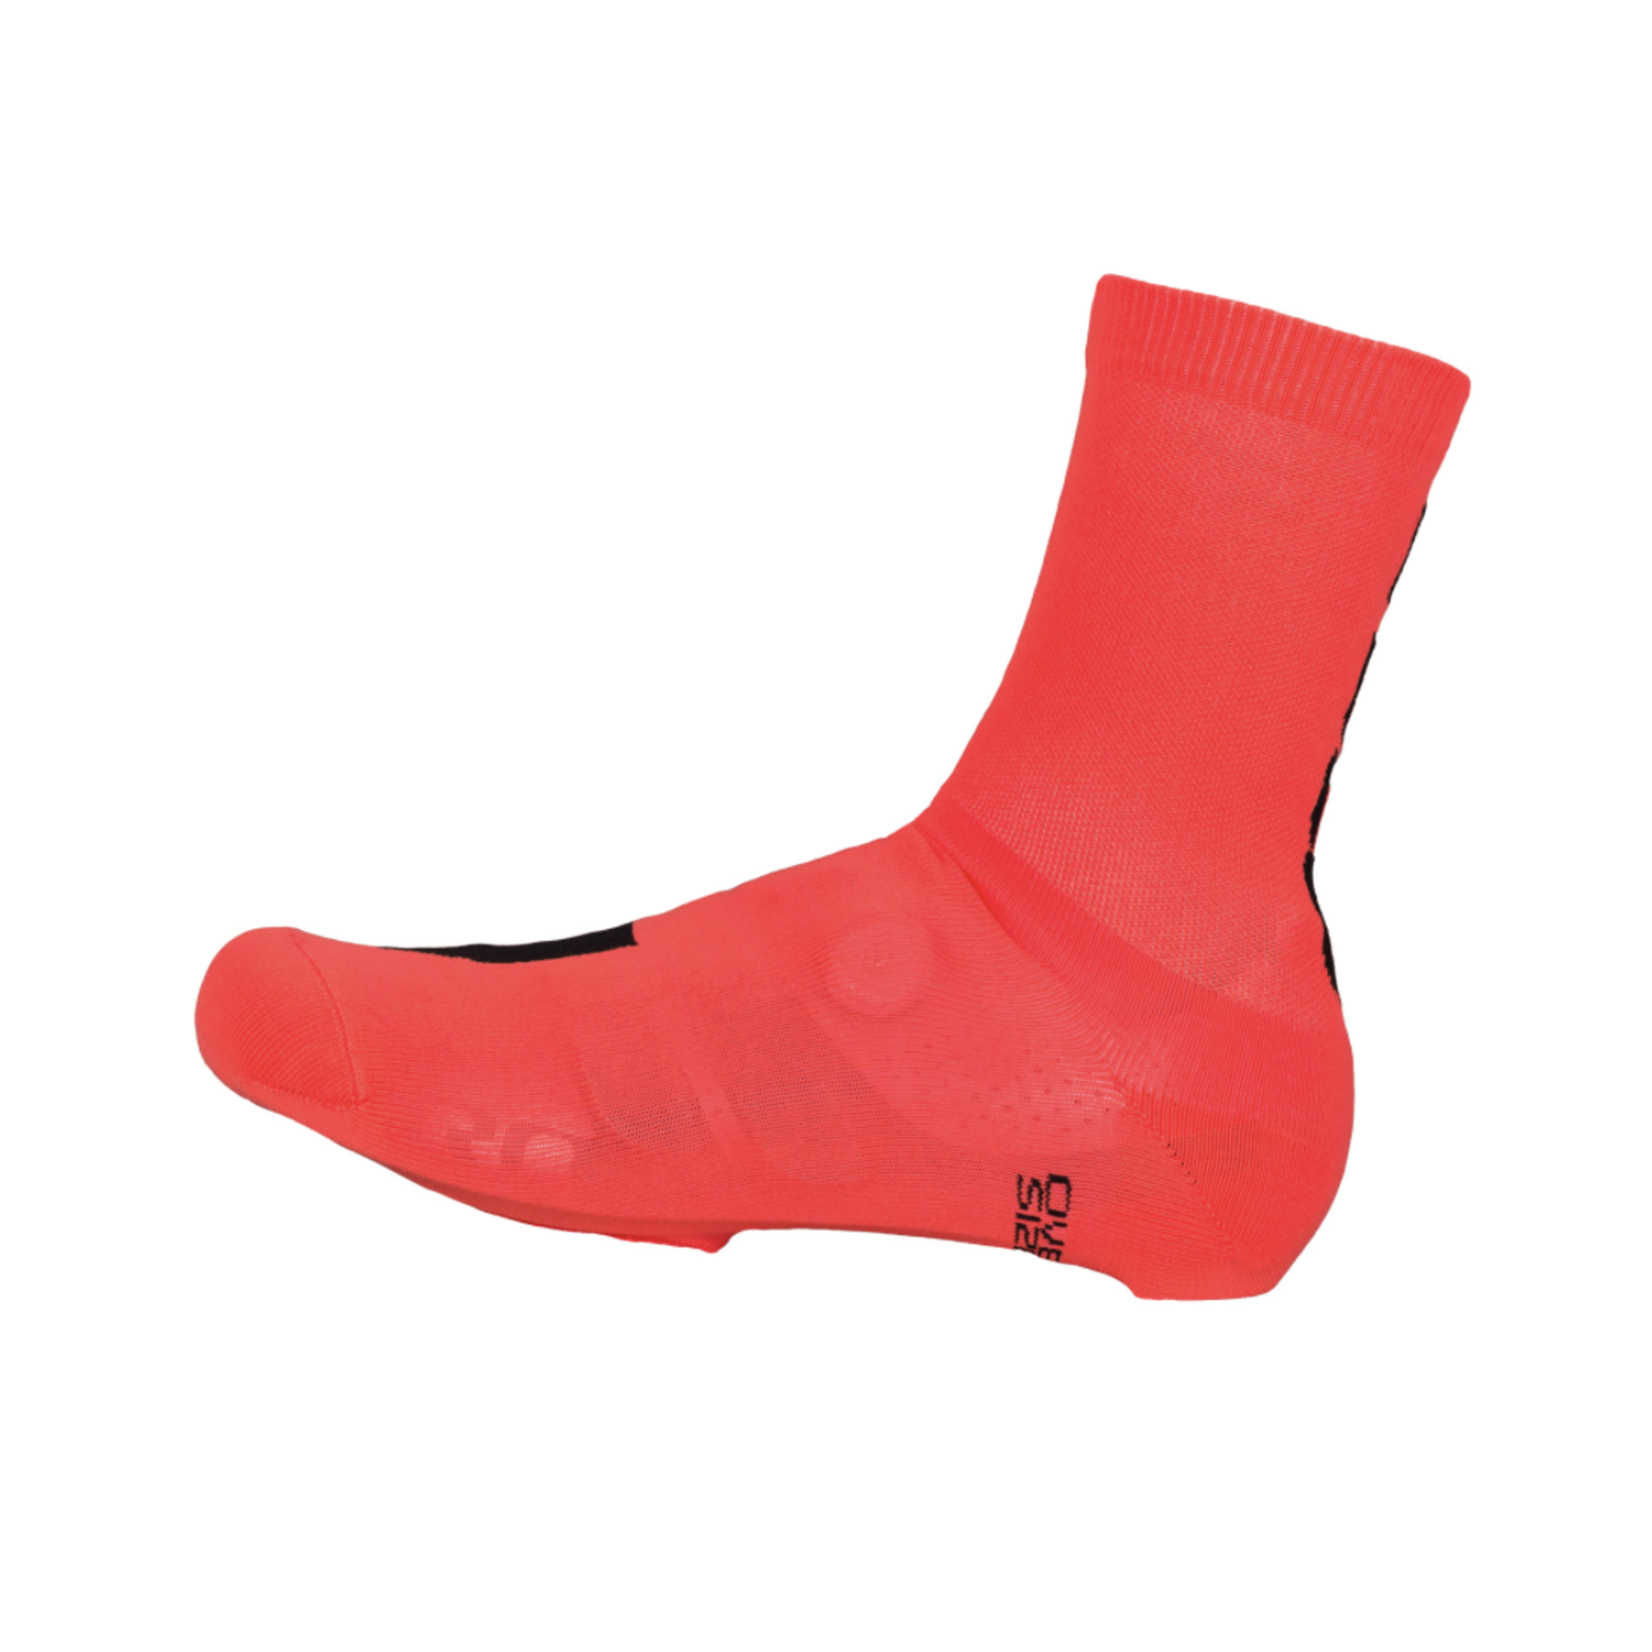 Q36.5 Q36.5 Overshoes Cordura - Persimon